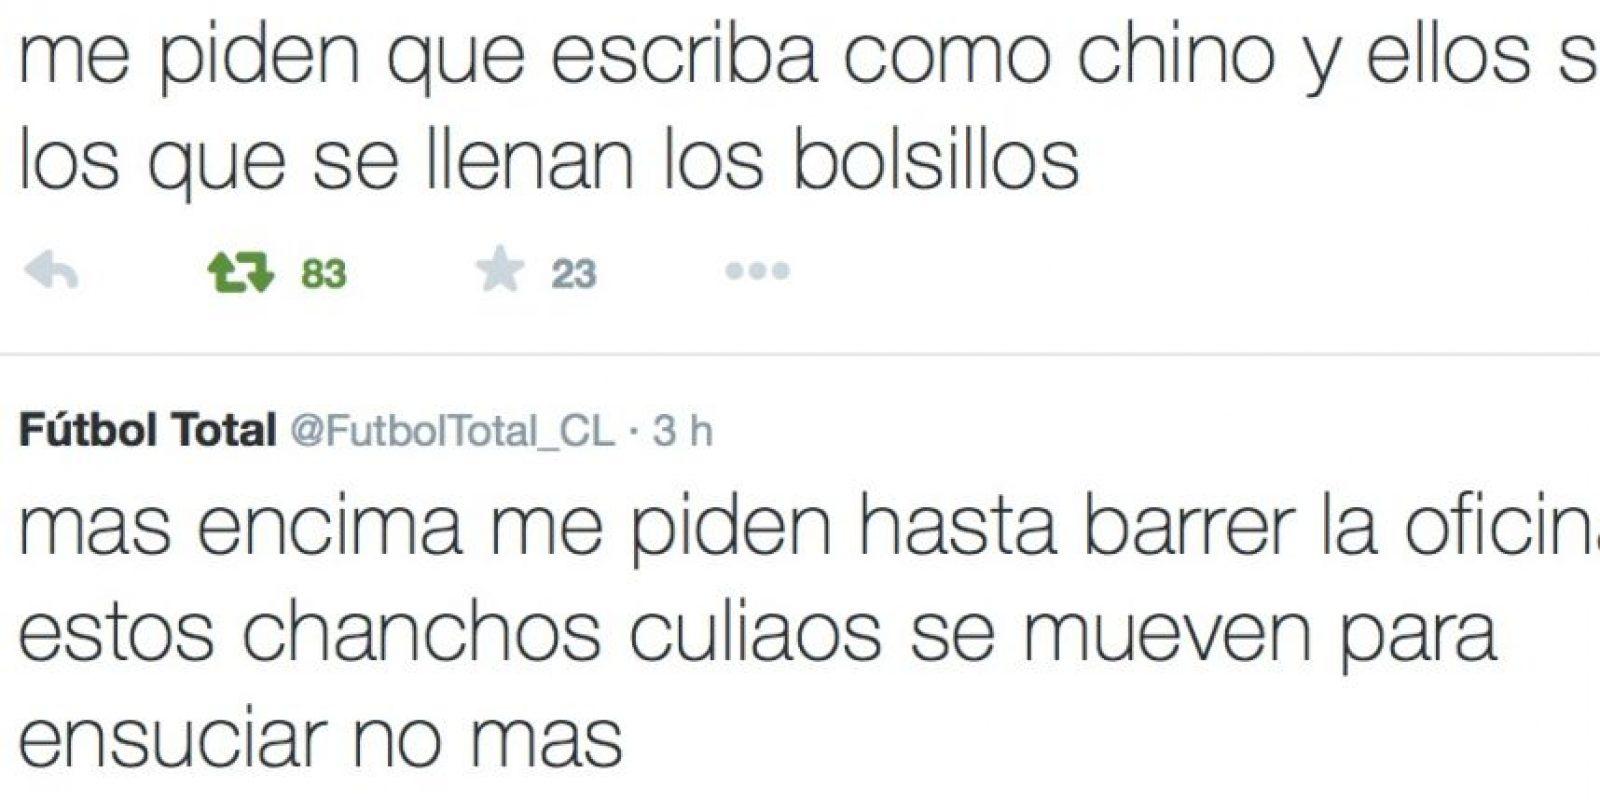 Las pobres condiciones en las que vive. Foto:Twitter/FútbolTotal Chile